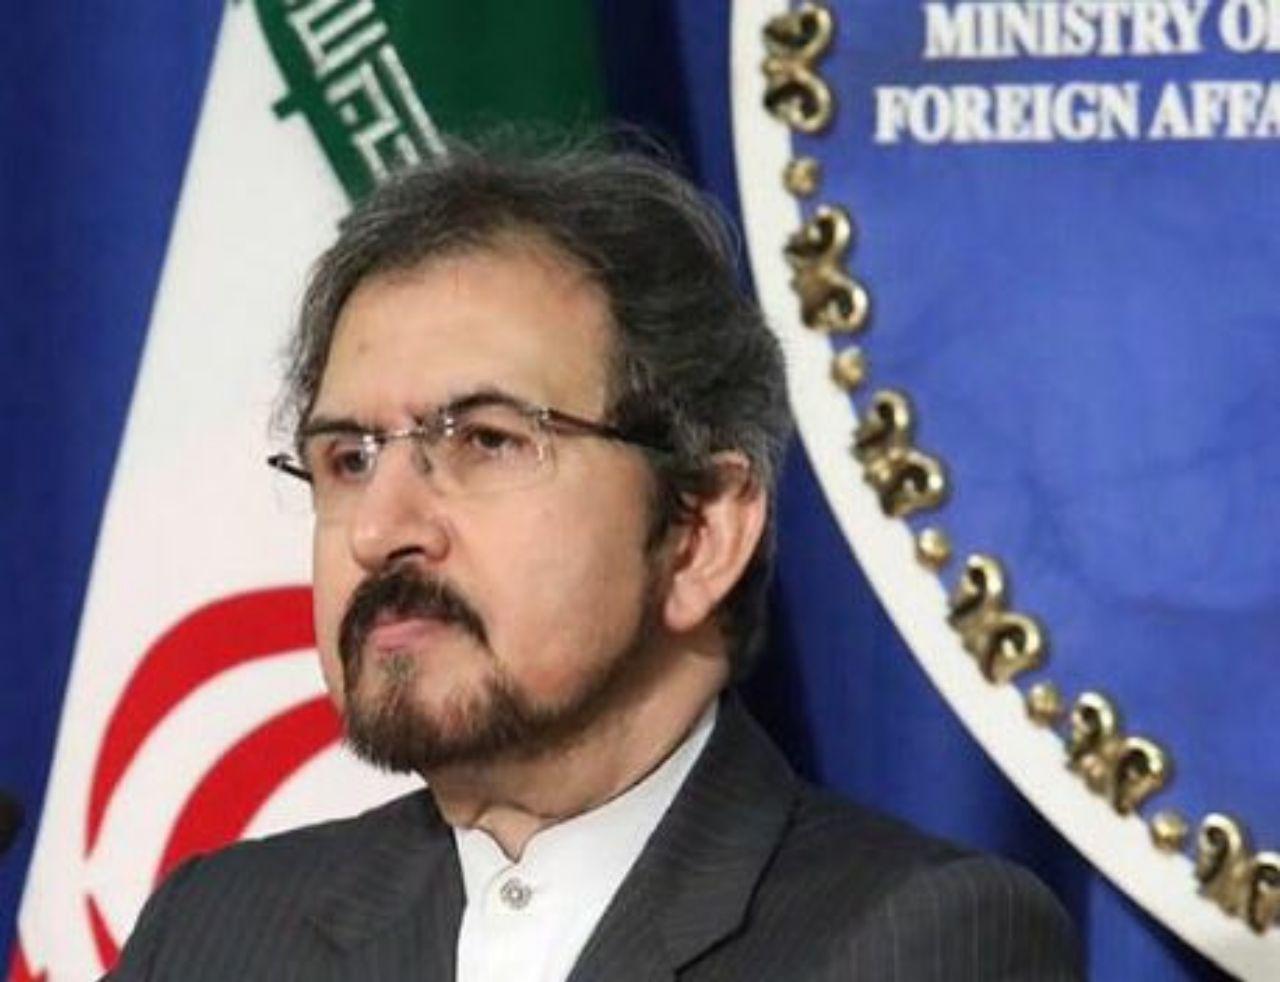 وزارت امور خارجه ایران با دولت و مردم مالزی ابراز همدردی کرد